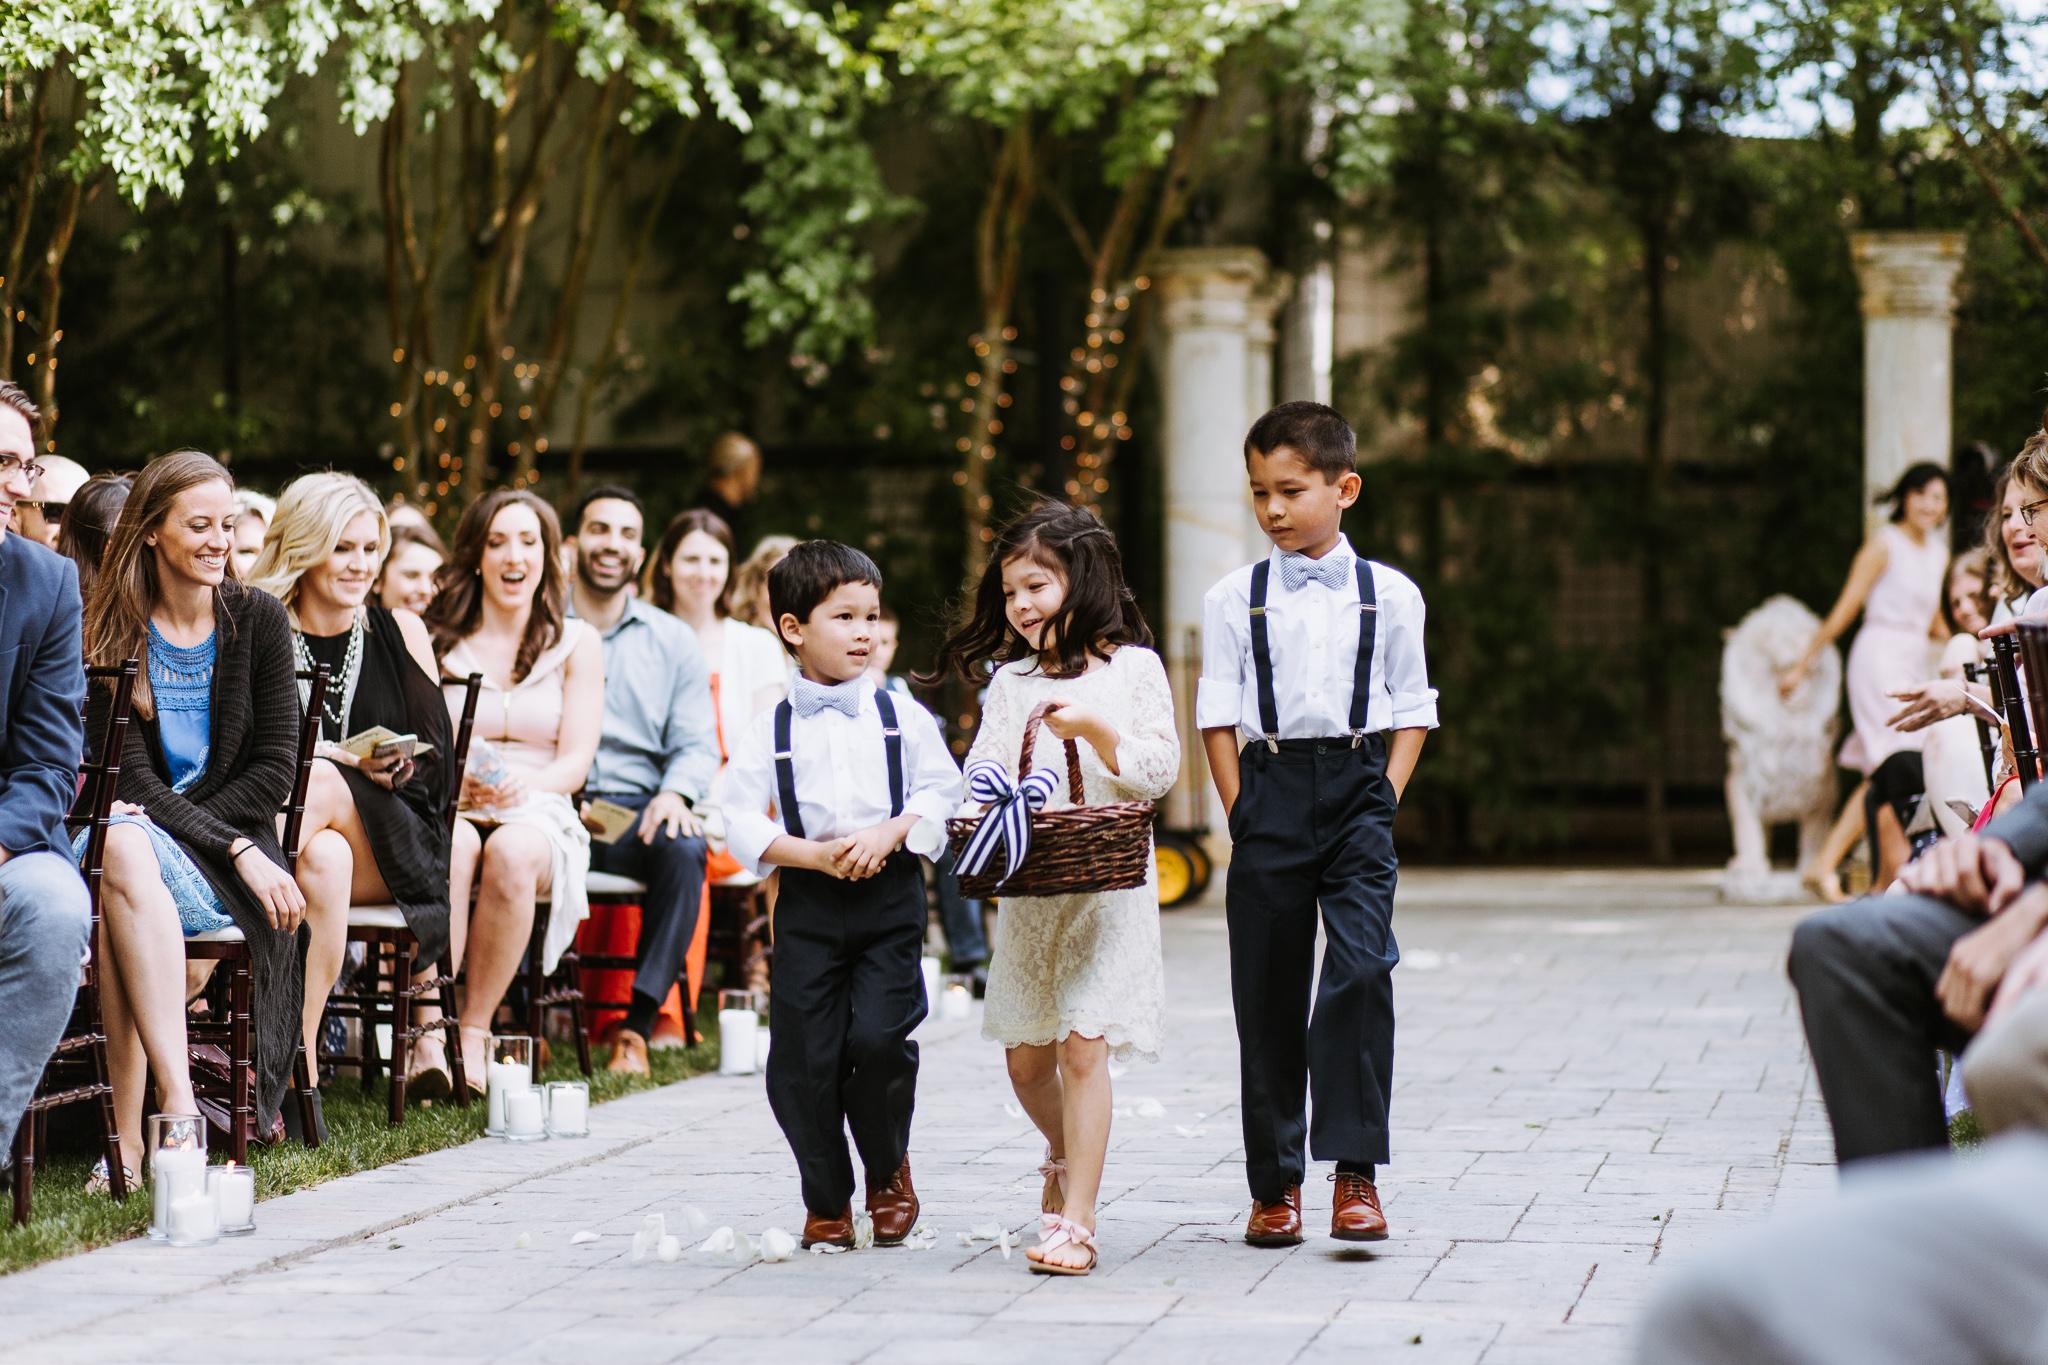 BayArea-Wedding-Photographer-37.jpg